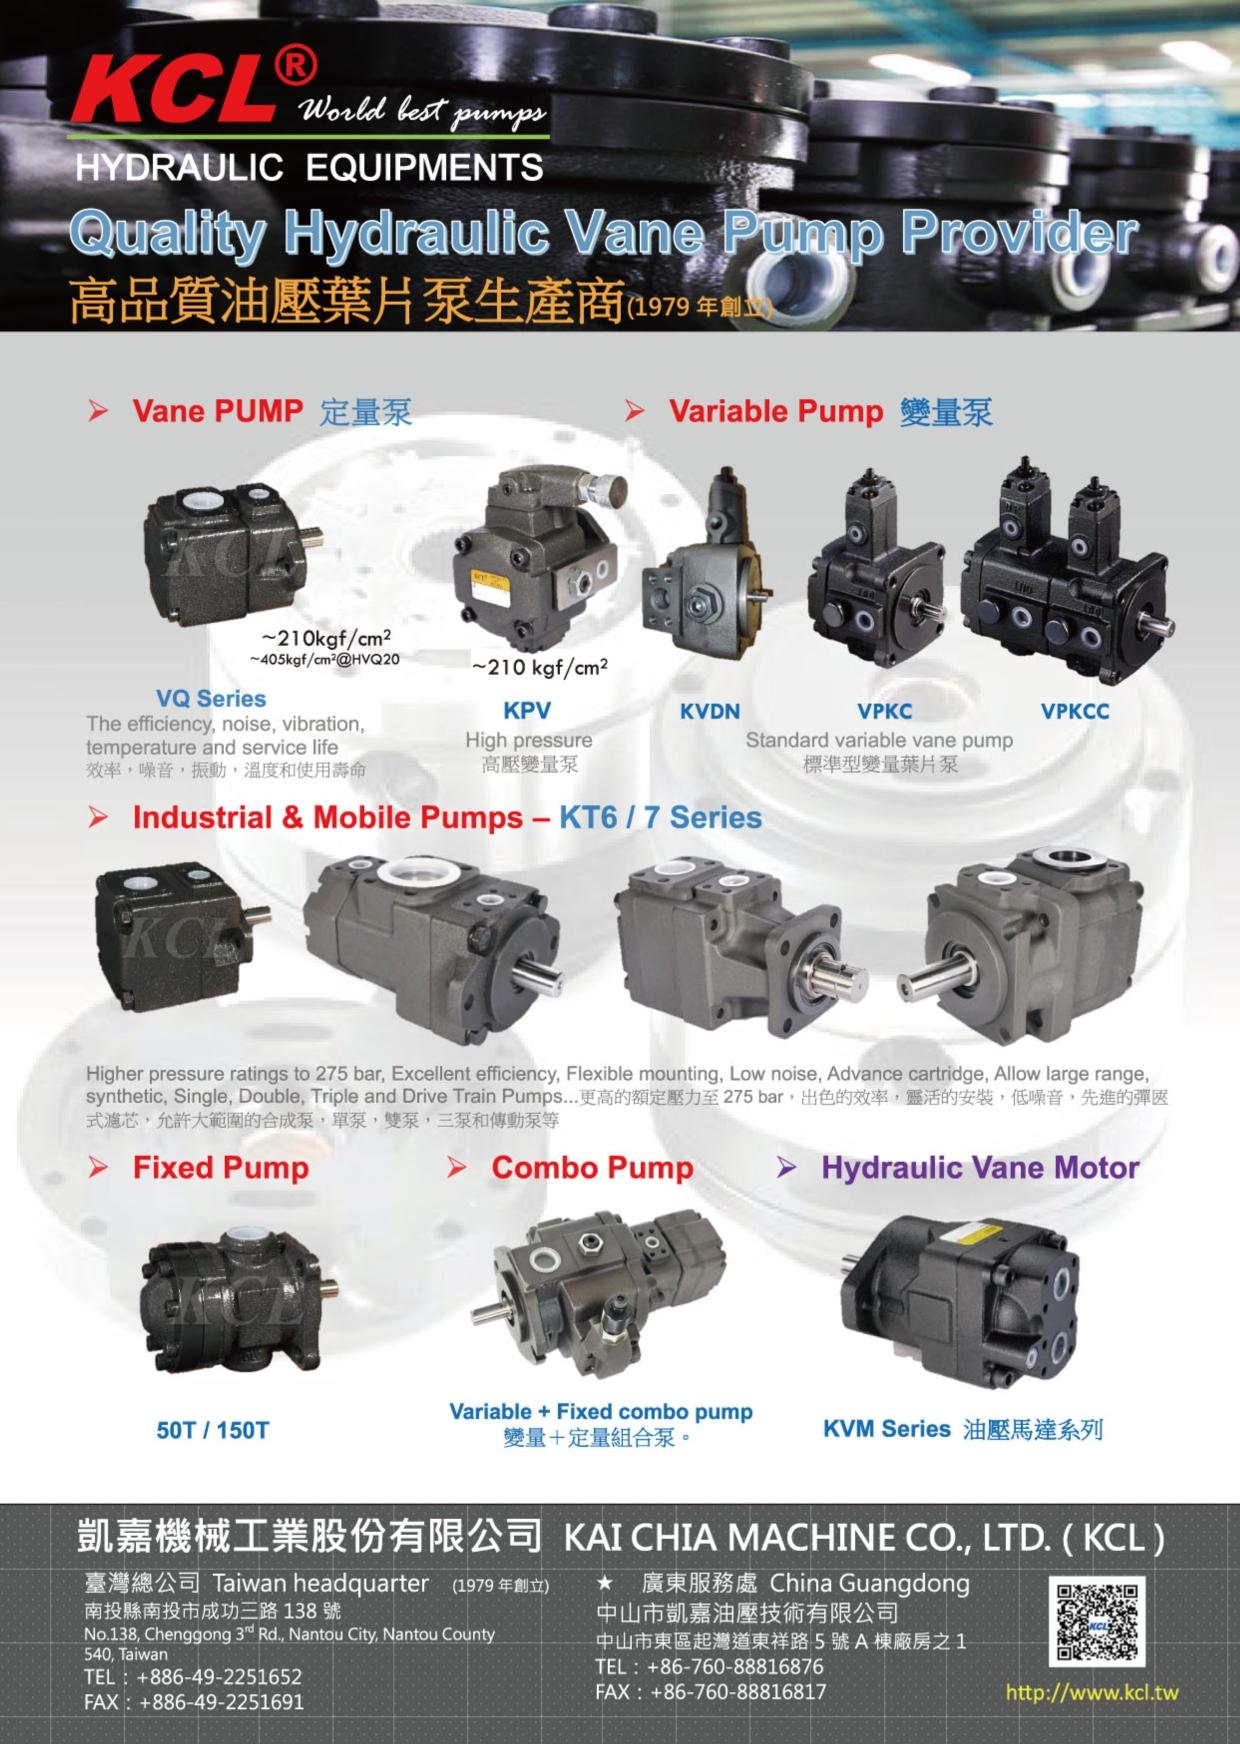 凱嘉機械工業股份有限公司